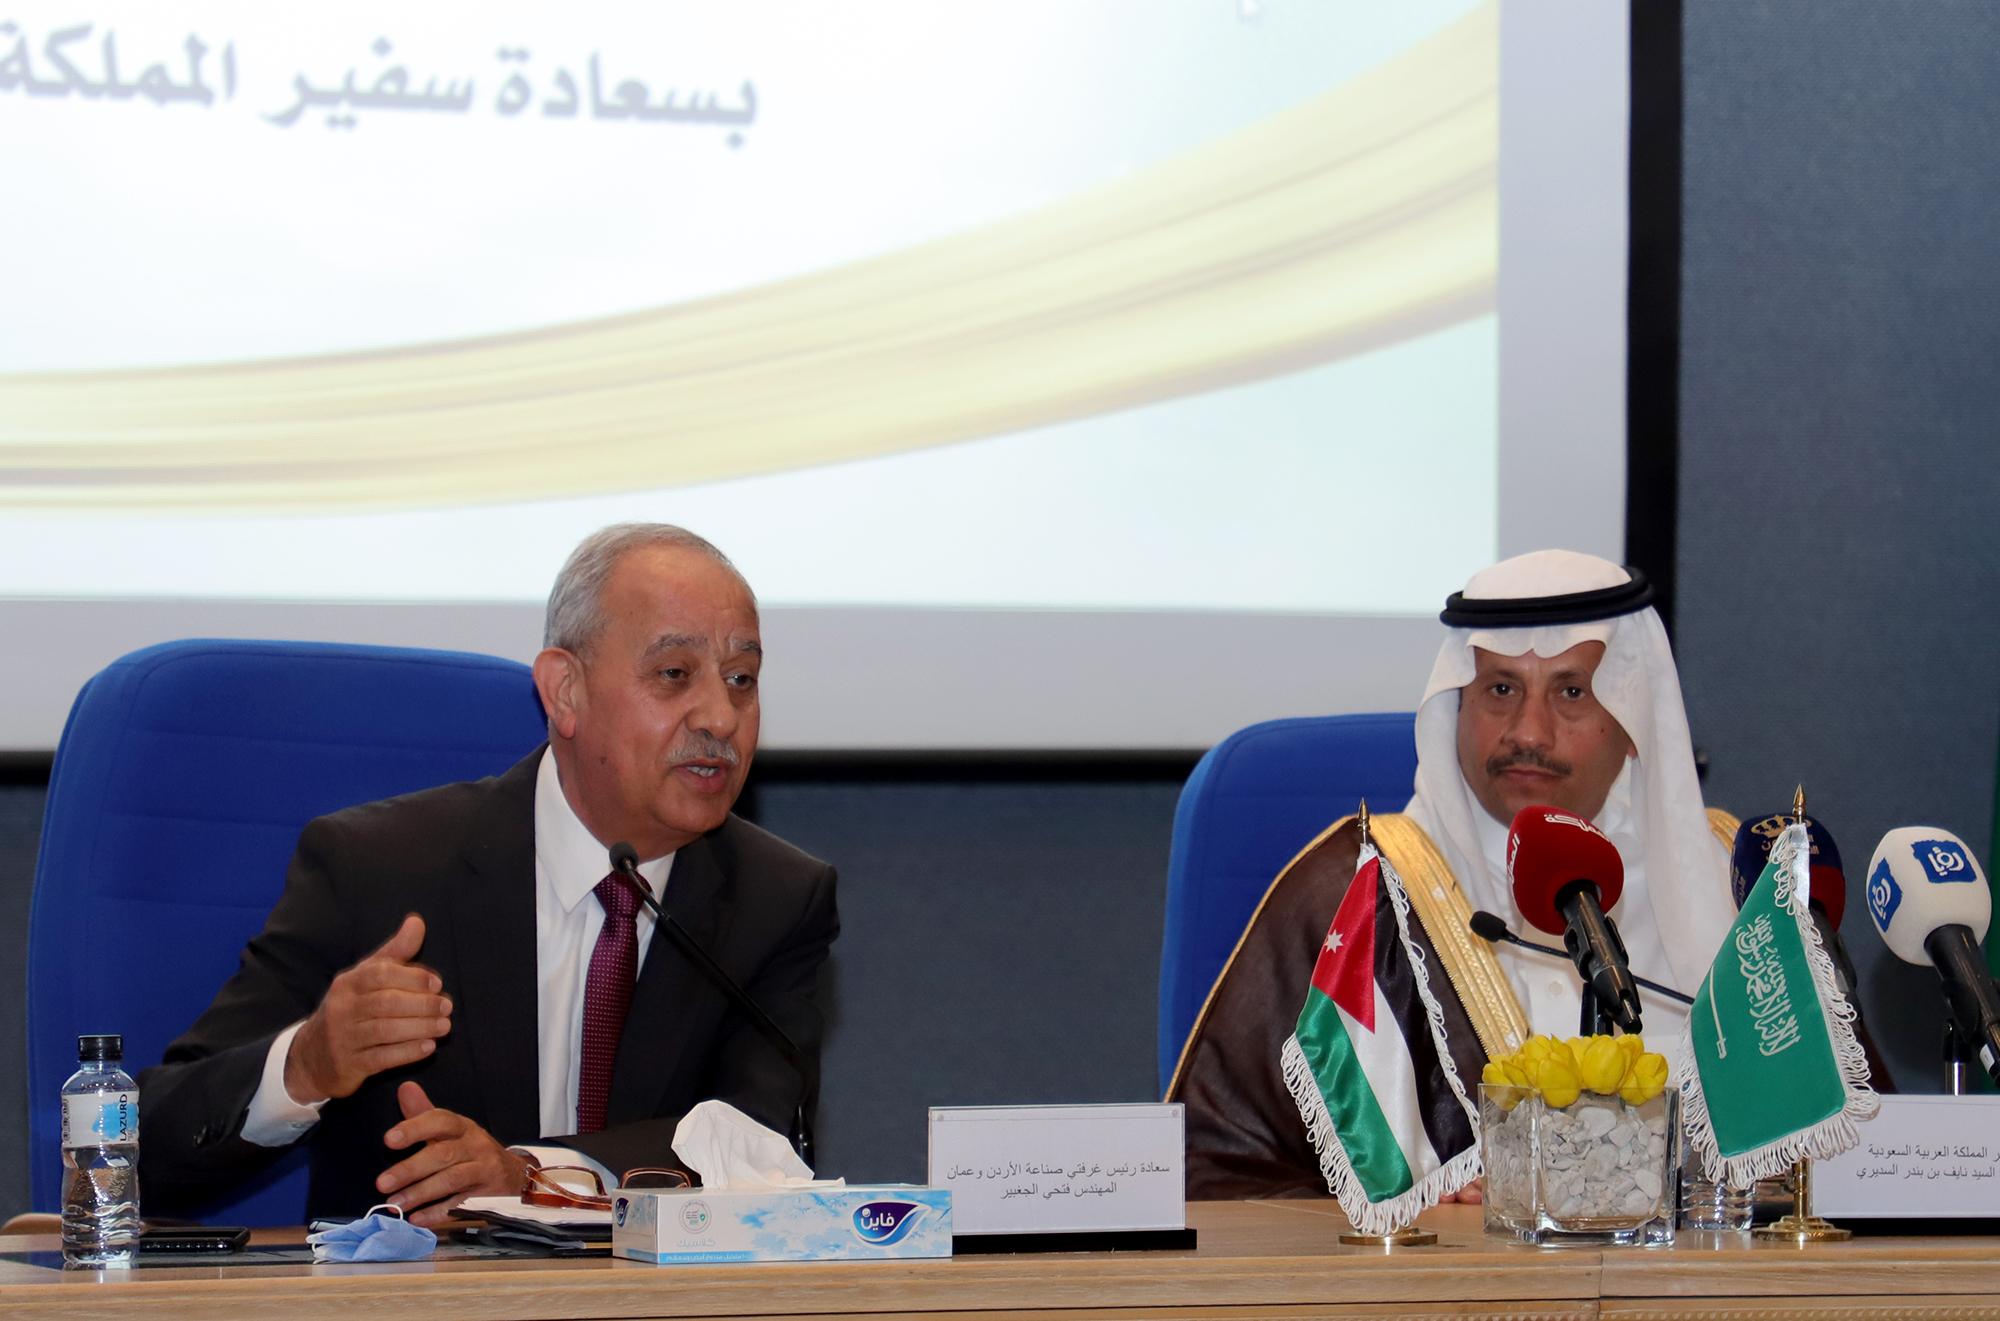 السفير السعودي يدعو لإطلاق مؤتمر استثماري مشترك بالأردن